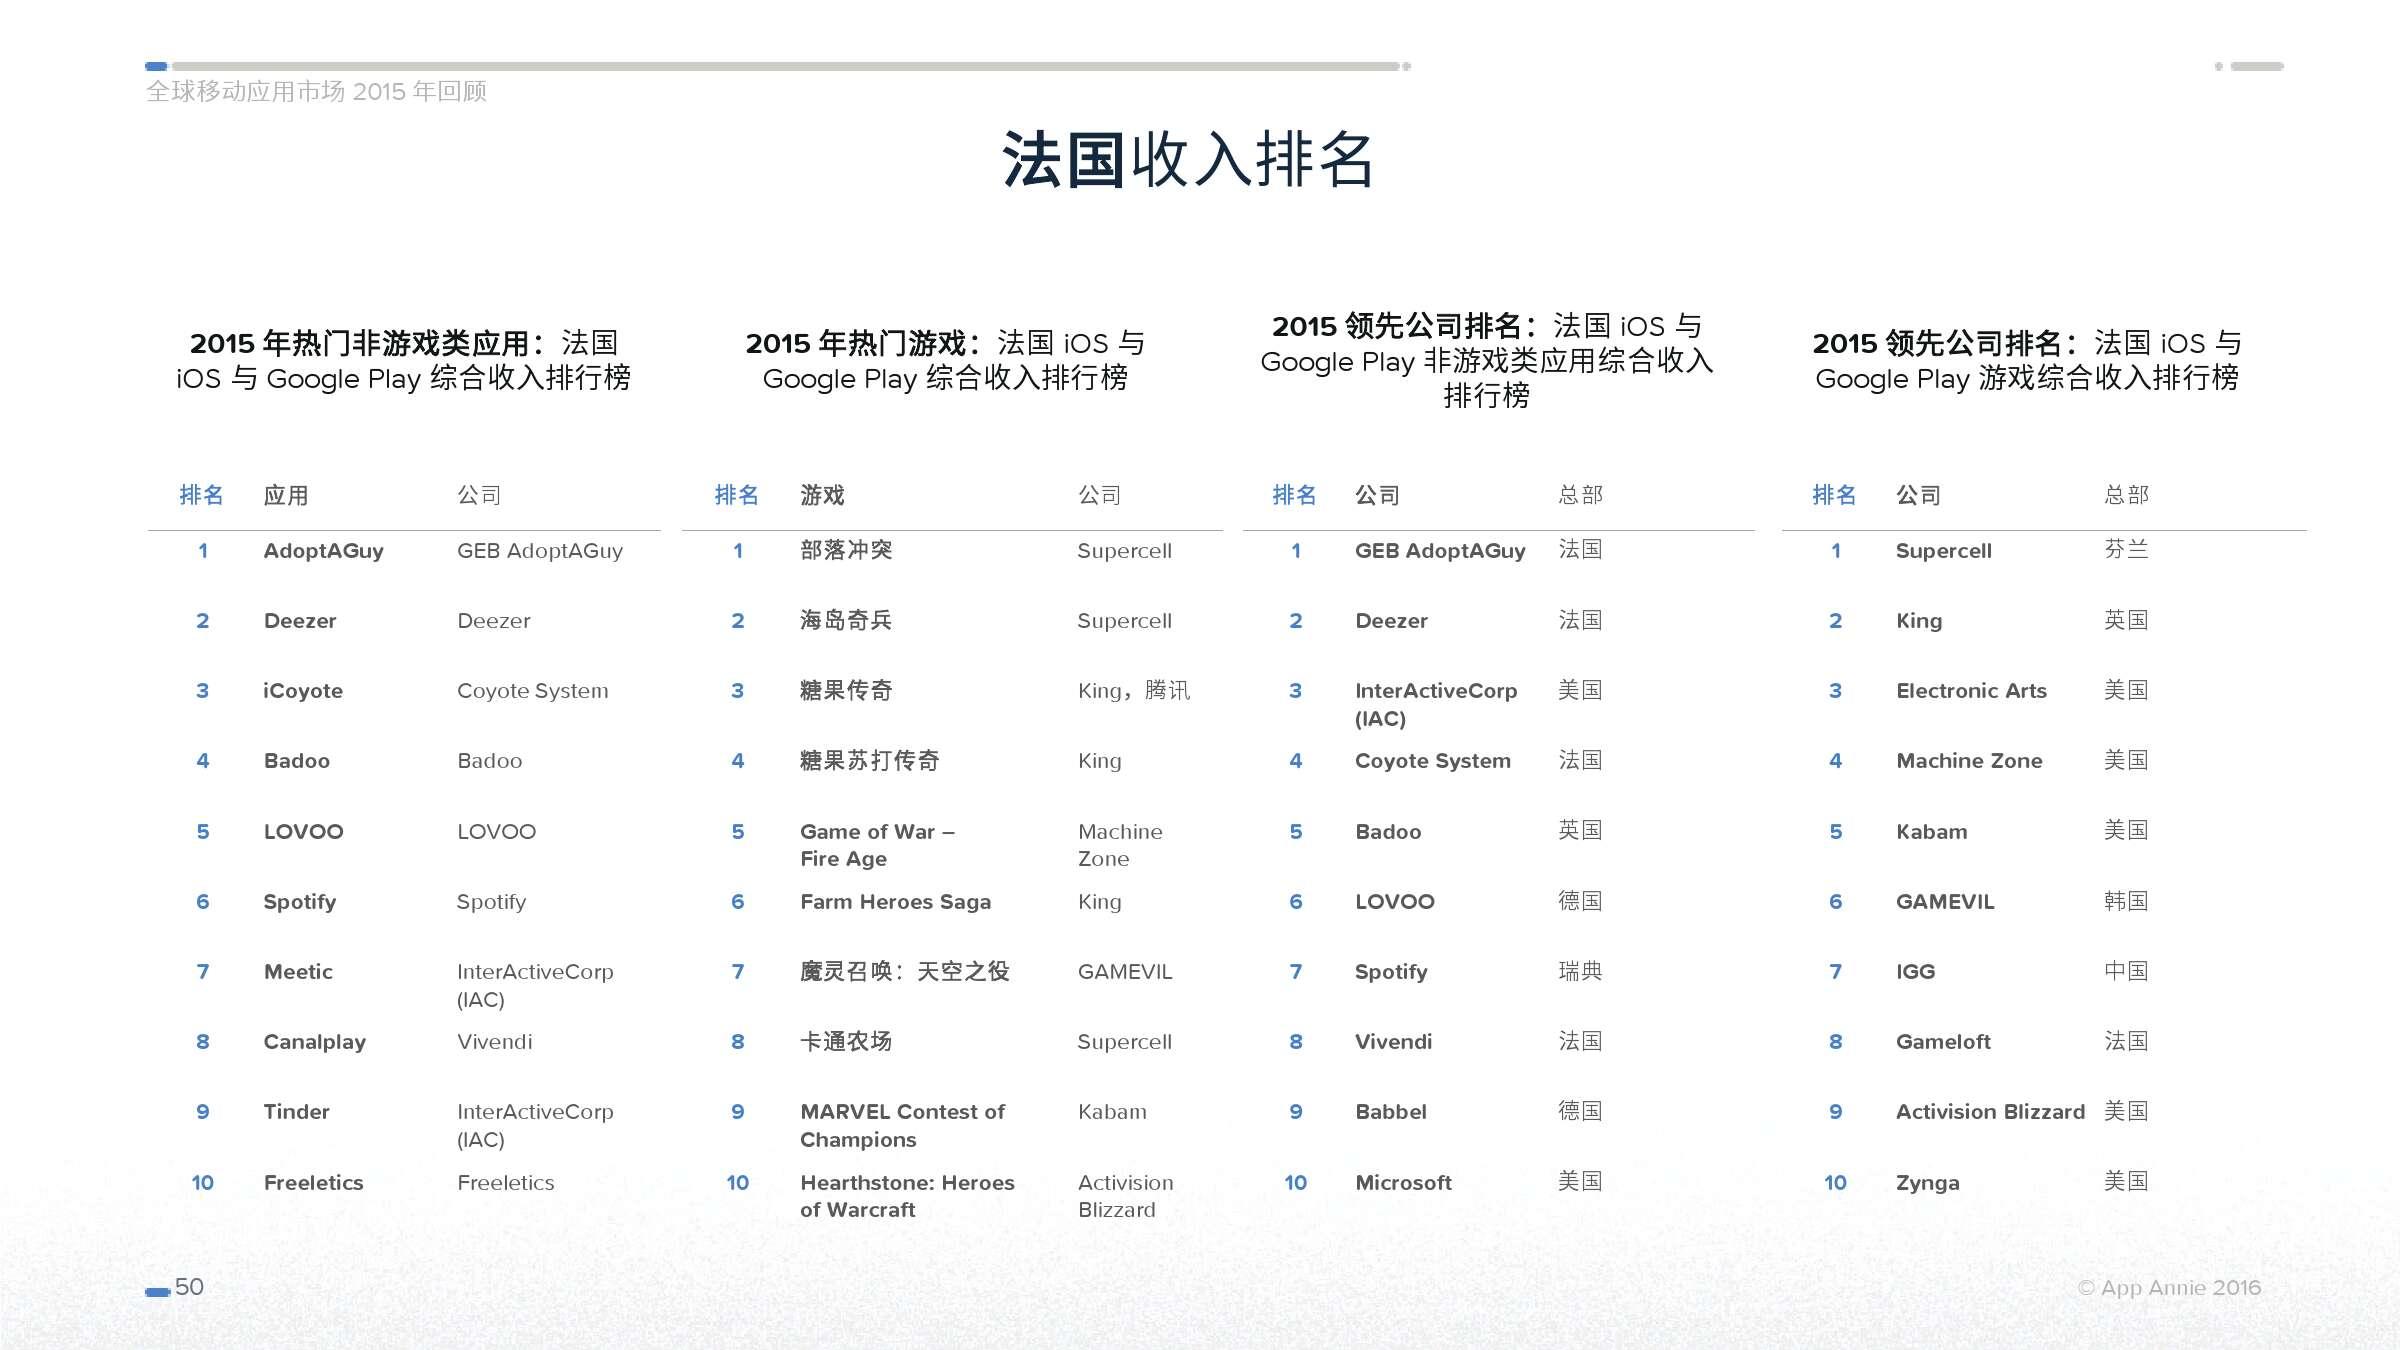 App Annie 全球移动应用市场 2015 年回顾_000050